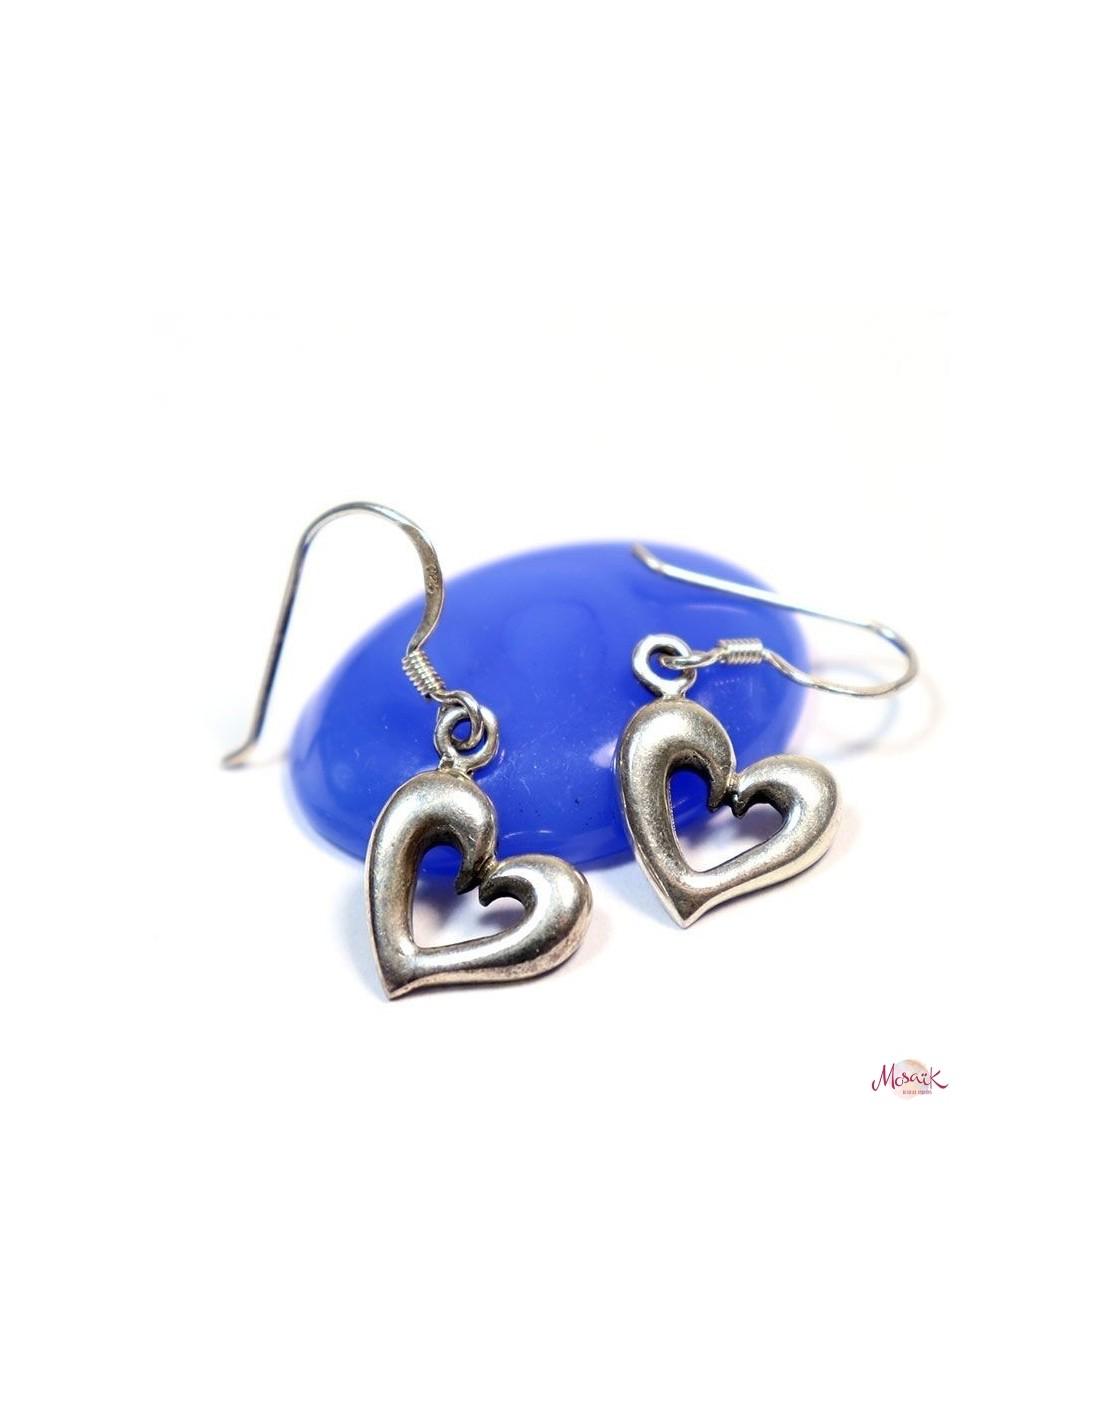 Boucles d 39 oreille argent forme de coeur bijoux en argent - Fermoir boucle d oreille argent ...